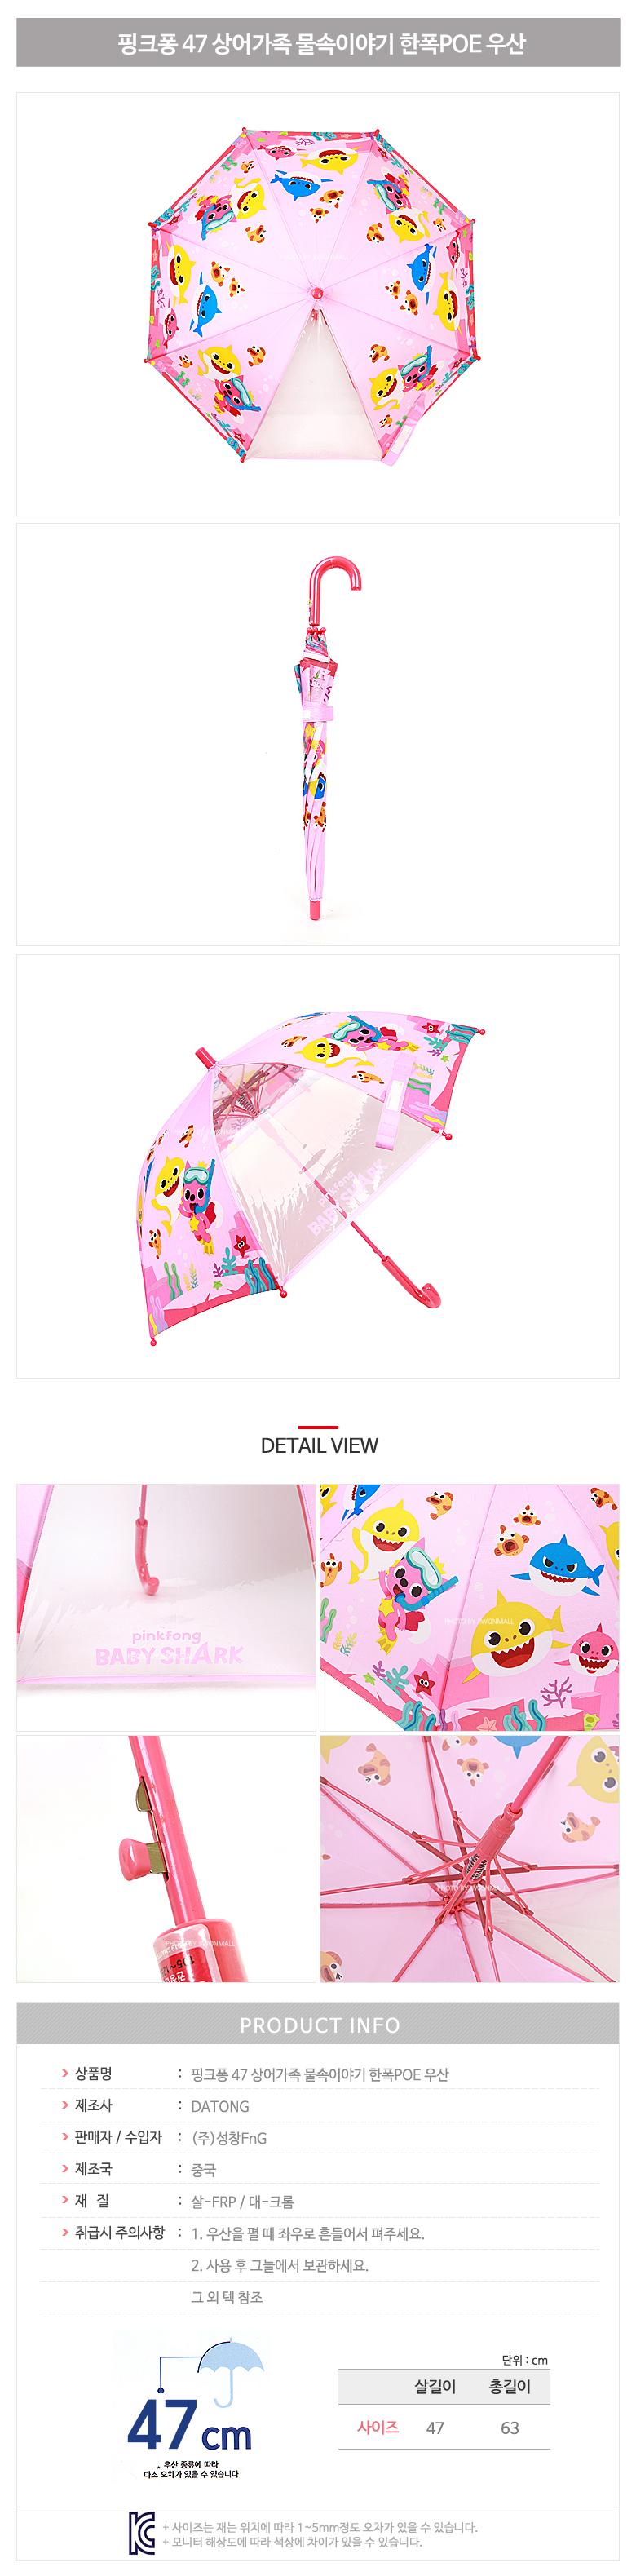 DS-382핑크퐁 아기상어 가족 투명 우산 5세 6세 7세 어린이 유아 장우산 - 리빙톡톡, 17,800원, 우산, 자동장우산